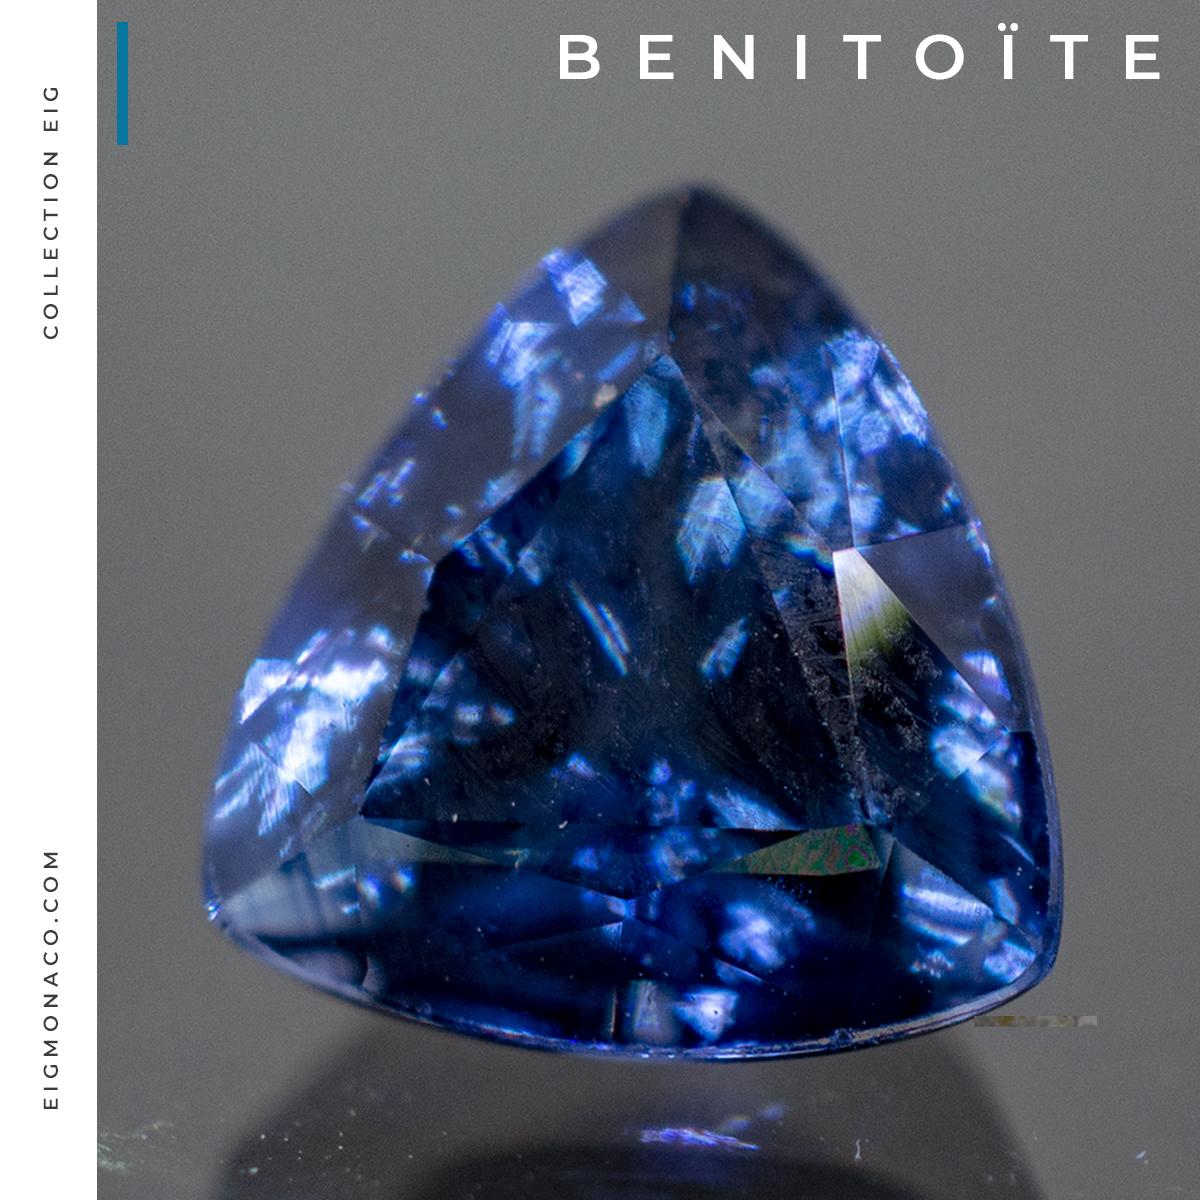 Benitoite